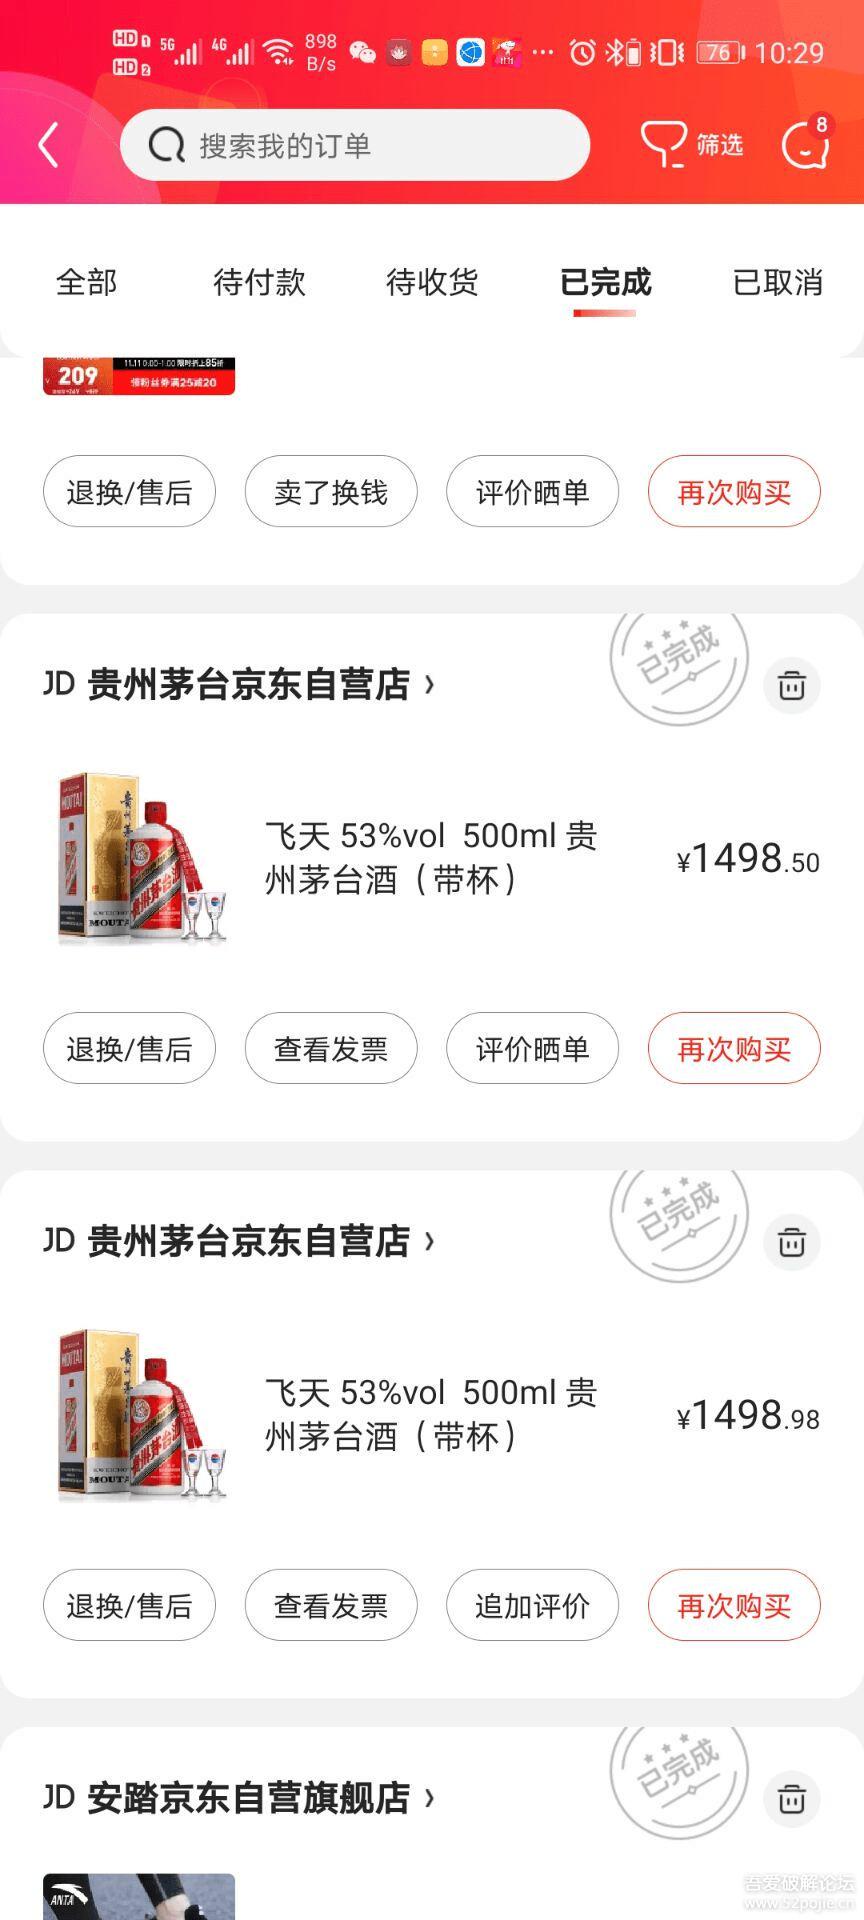 淘宝/天猫/京东/拼多多/苏宁易购/小米商城/华为商城/茅台抢购助手